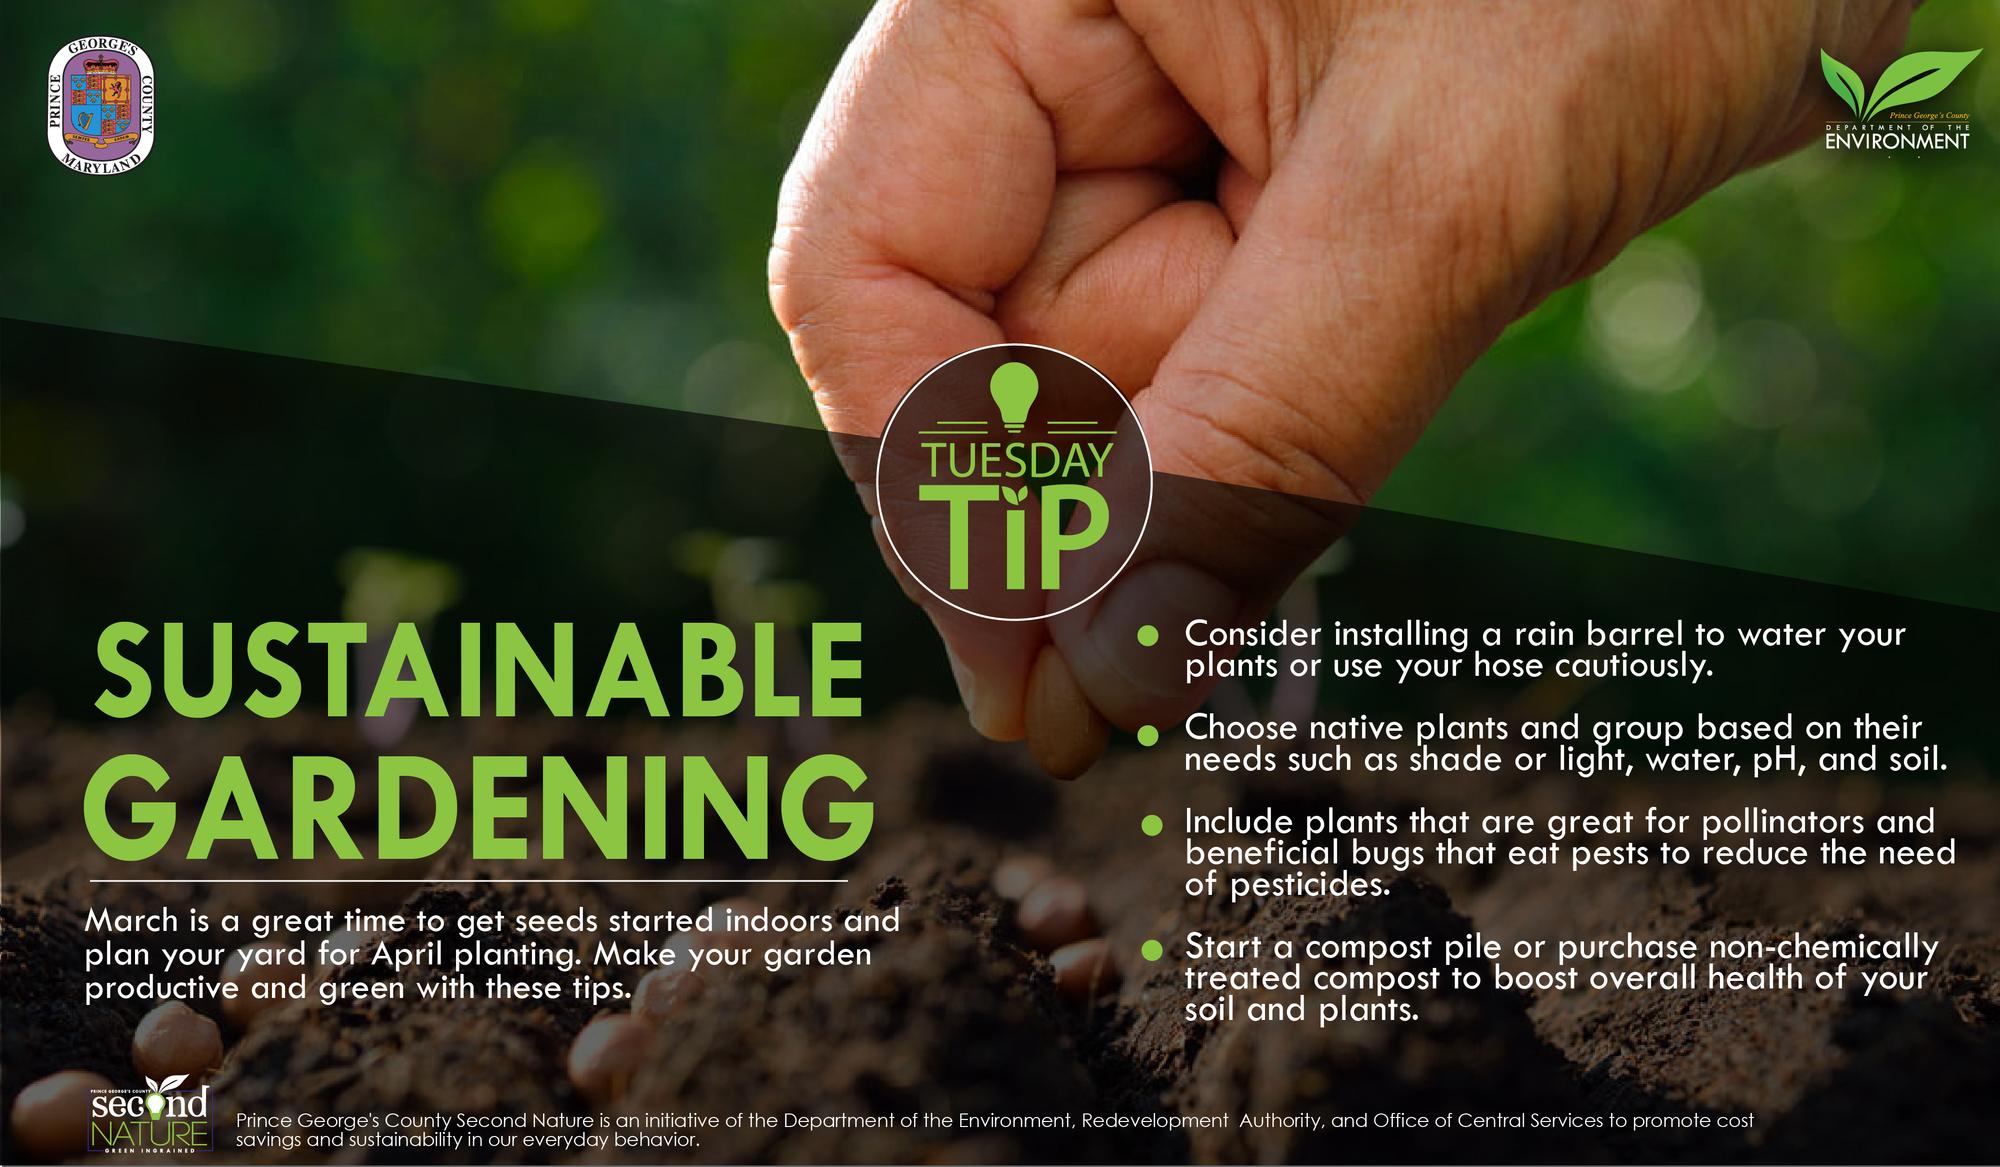 Tues Tip 3.5.19 gardening